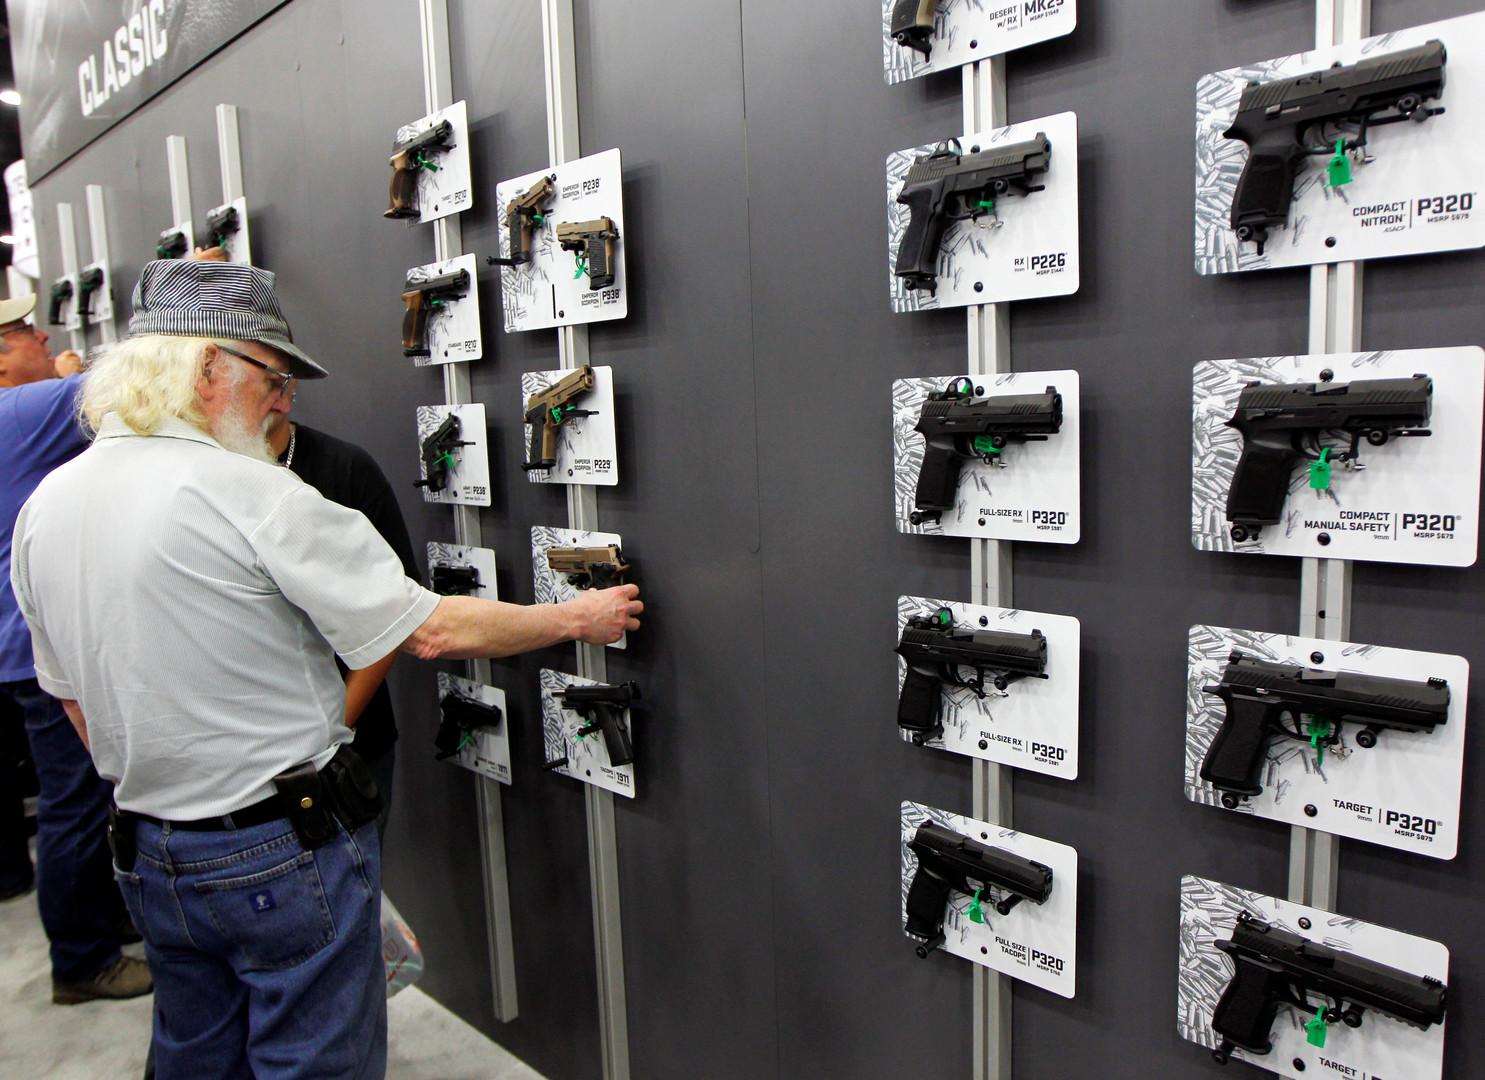 Без лицензии на убийство: в США резко вырос уровень насилия с применением оружия